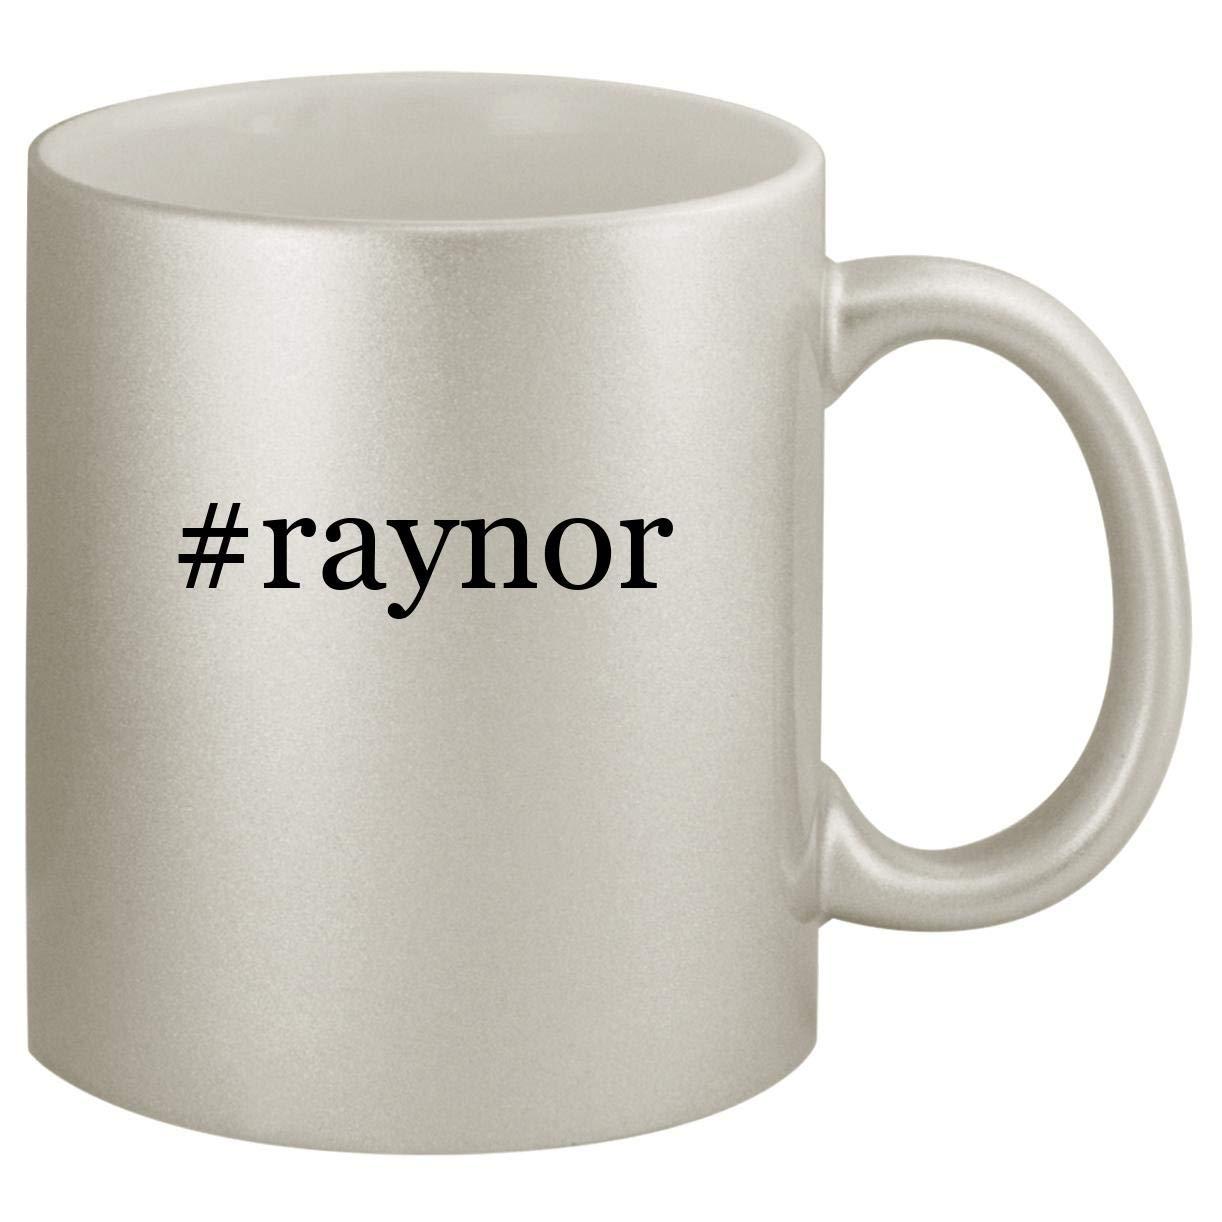 #raynor - Ceramic Hashtag 11oz Silver Coffee Mug, Silver